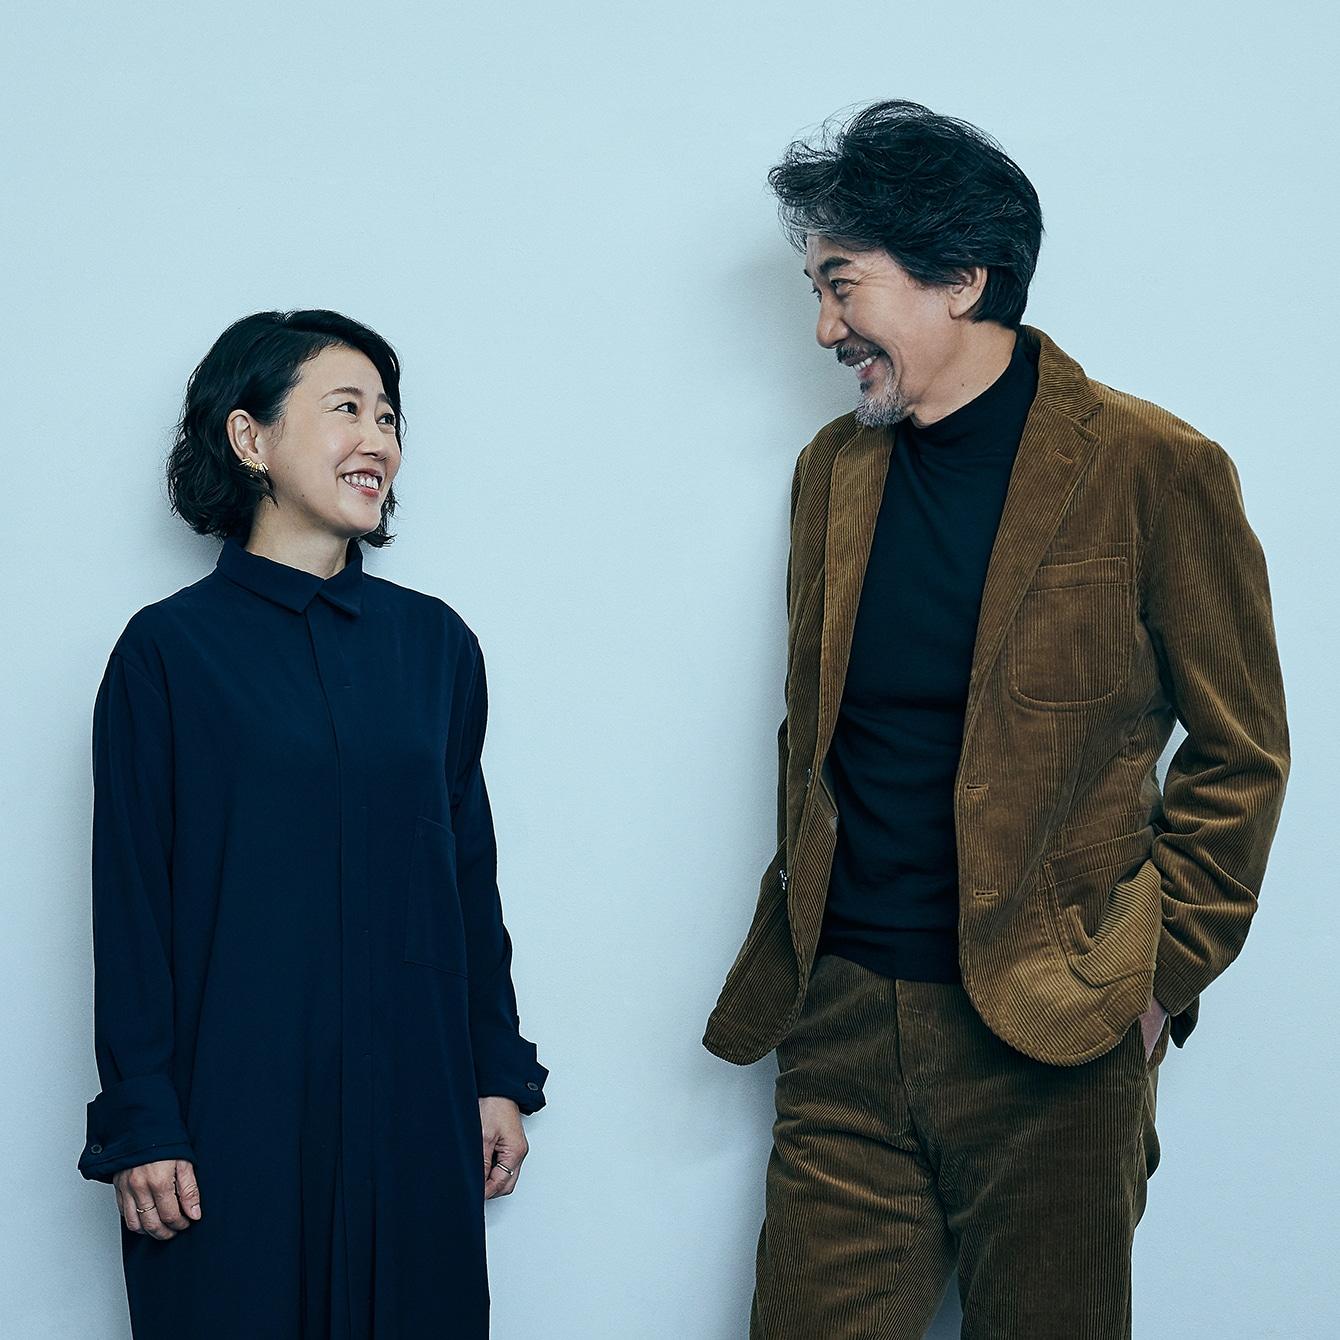 【西川美和監督×役所広司】「さすが役所広司...!」撮る幸せを感じたシーンとは?